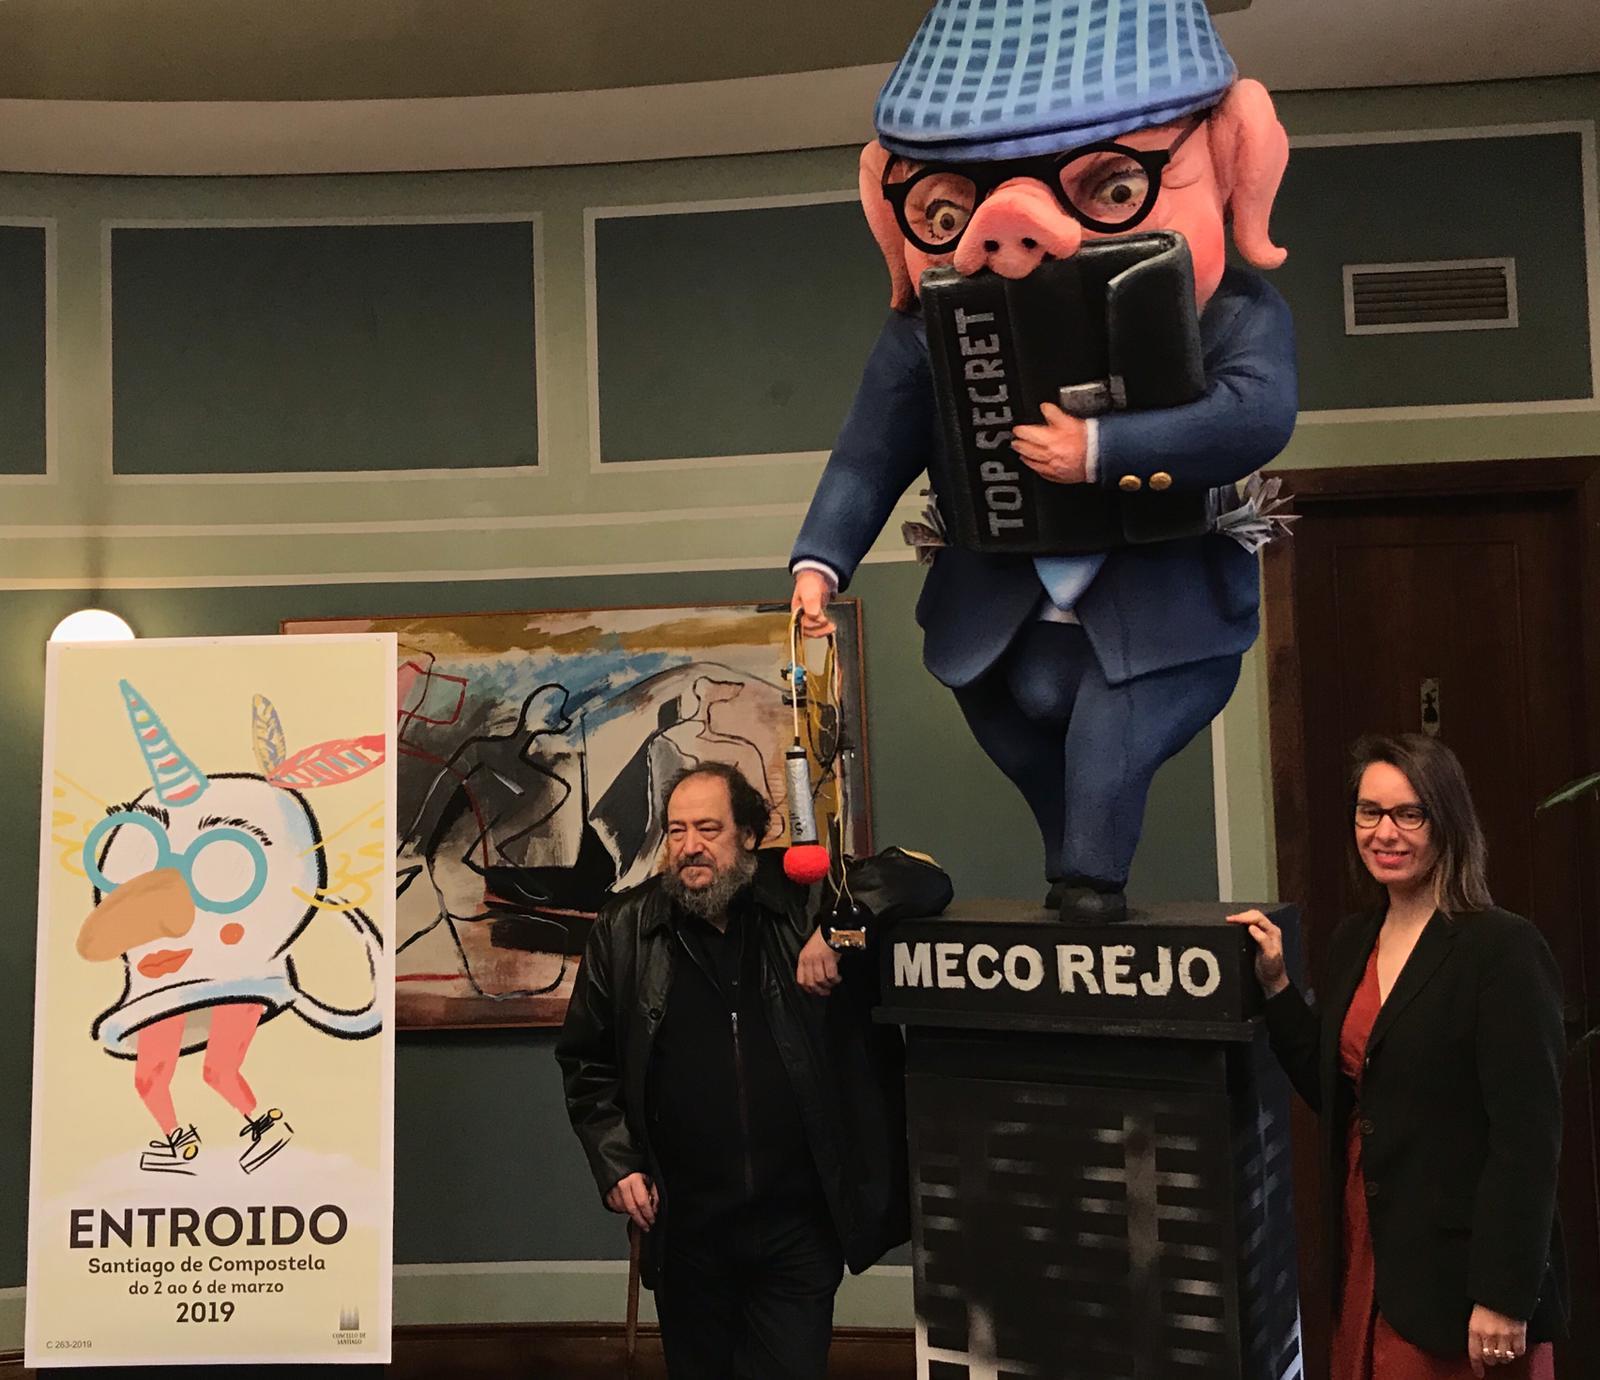 Presentación do Entroido. Foto: Concello de Santiago